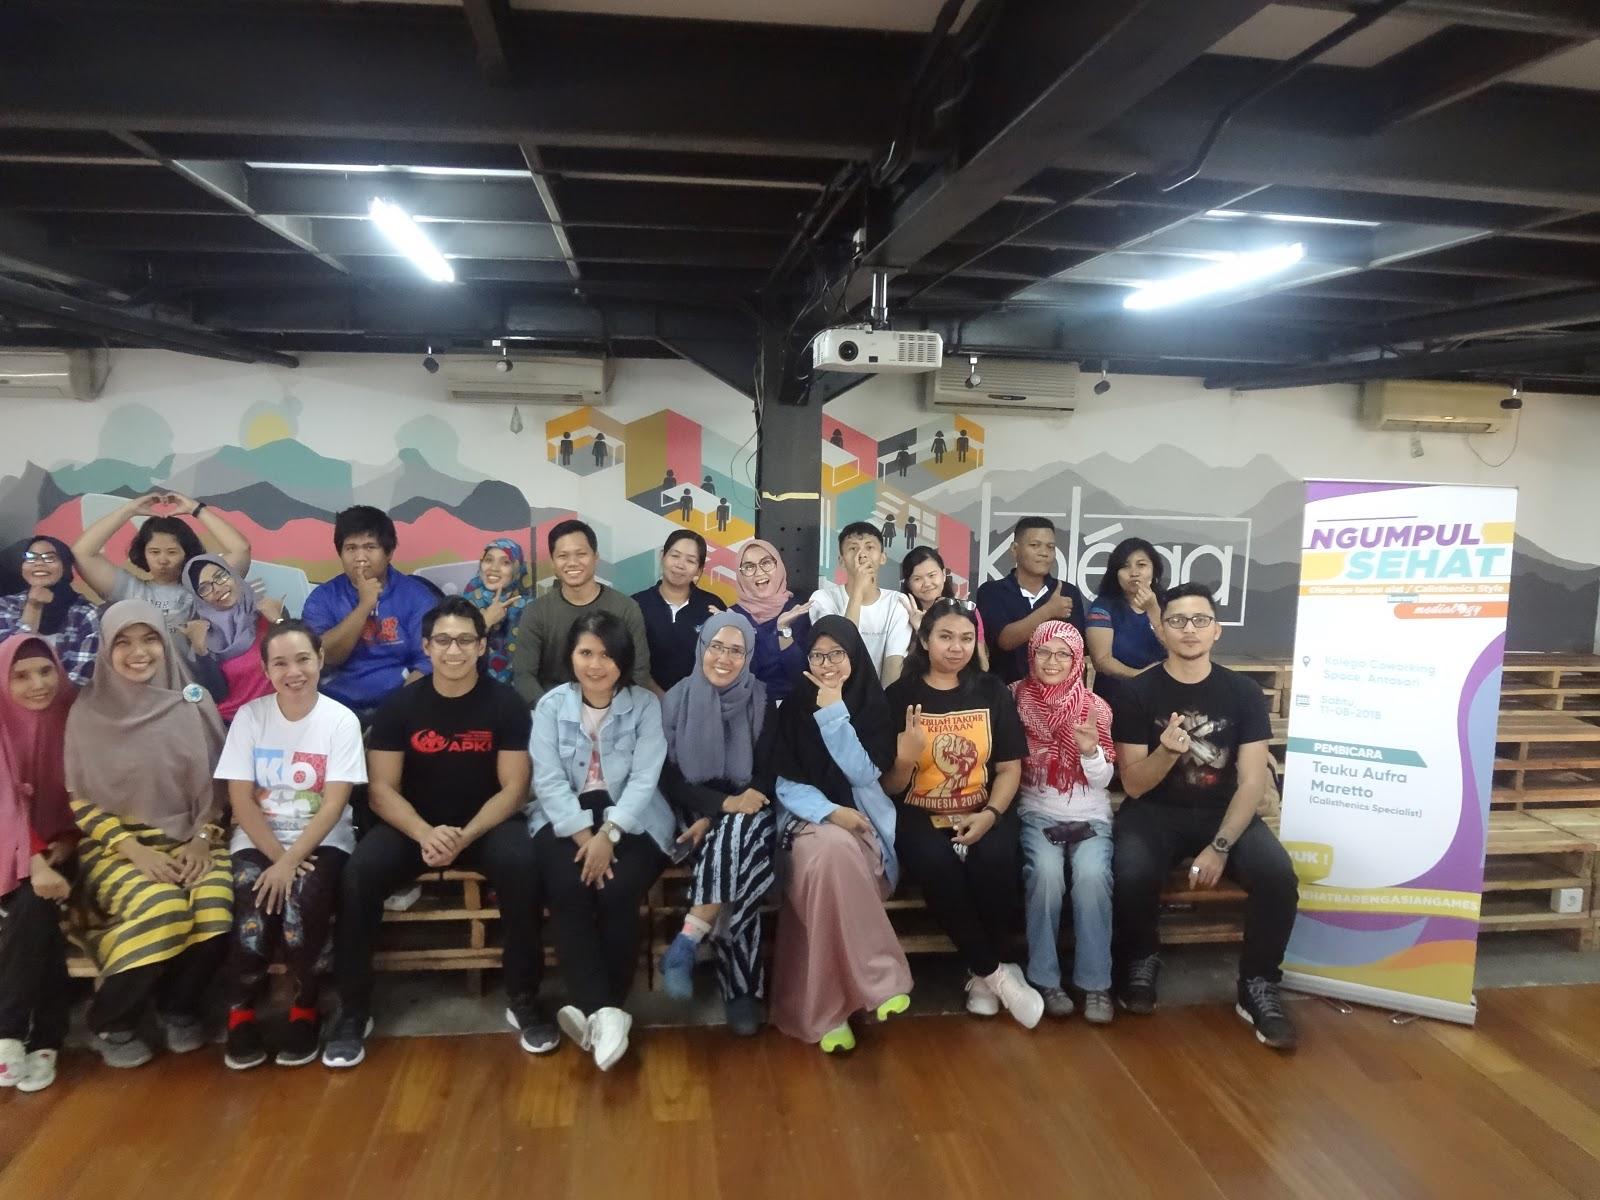 mom s story - rina susanti  Dukung Bersama Asian Games 2018 6ea8b4b441